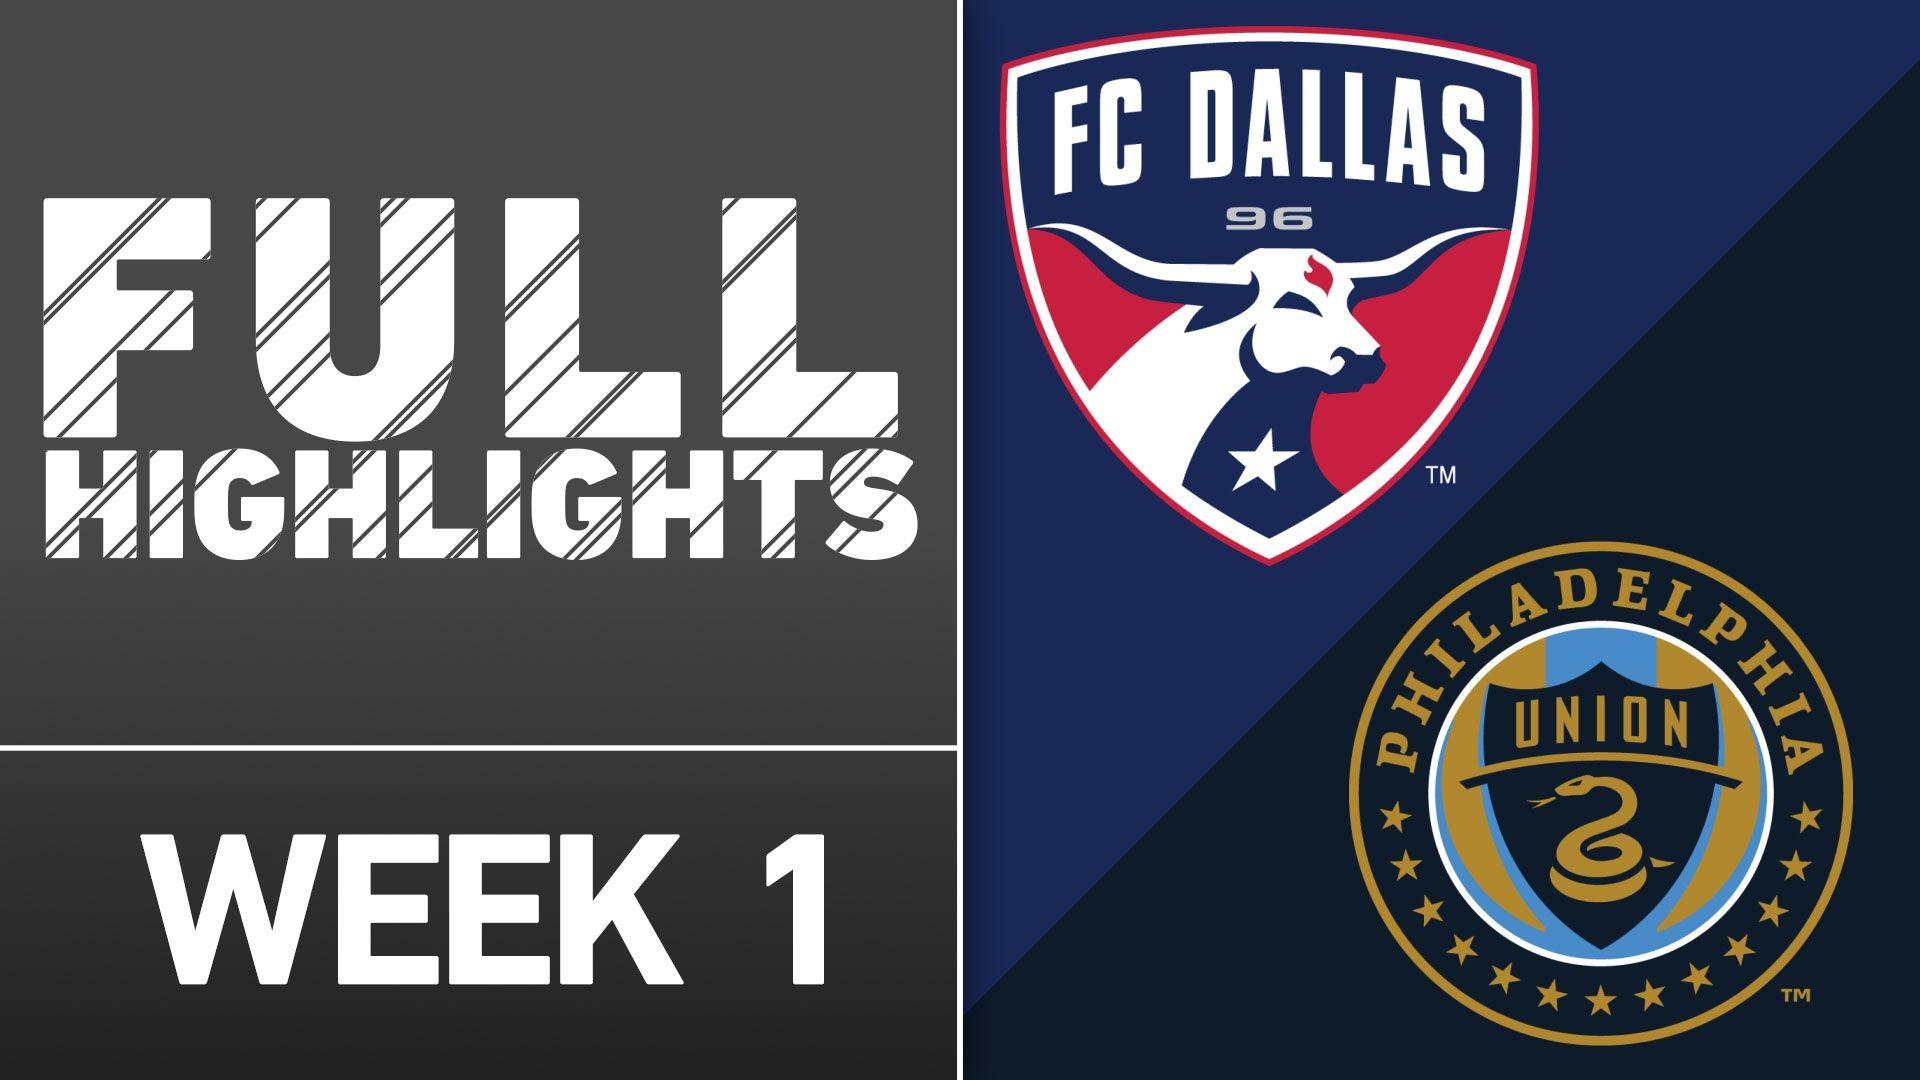 Video via MLS: Castillo, Urruti lead FC Dallas past Union - ESPN Video